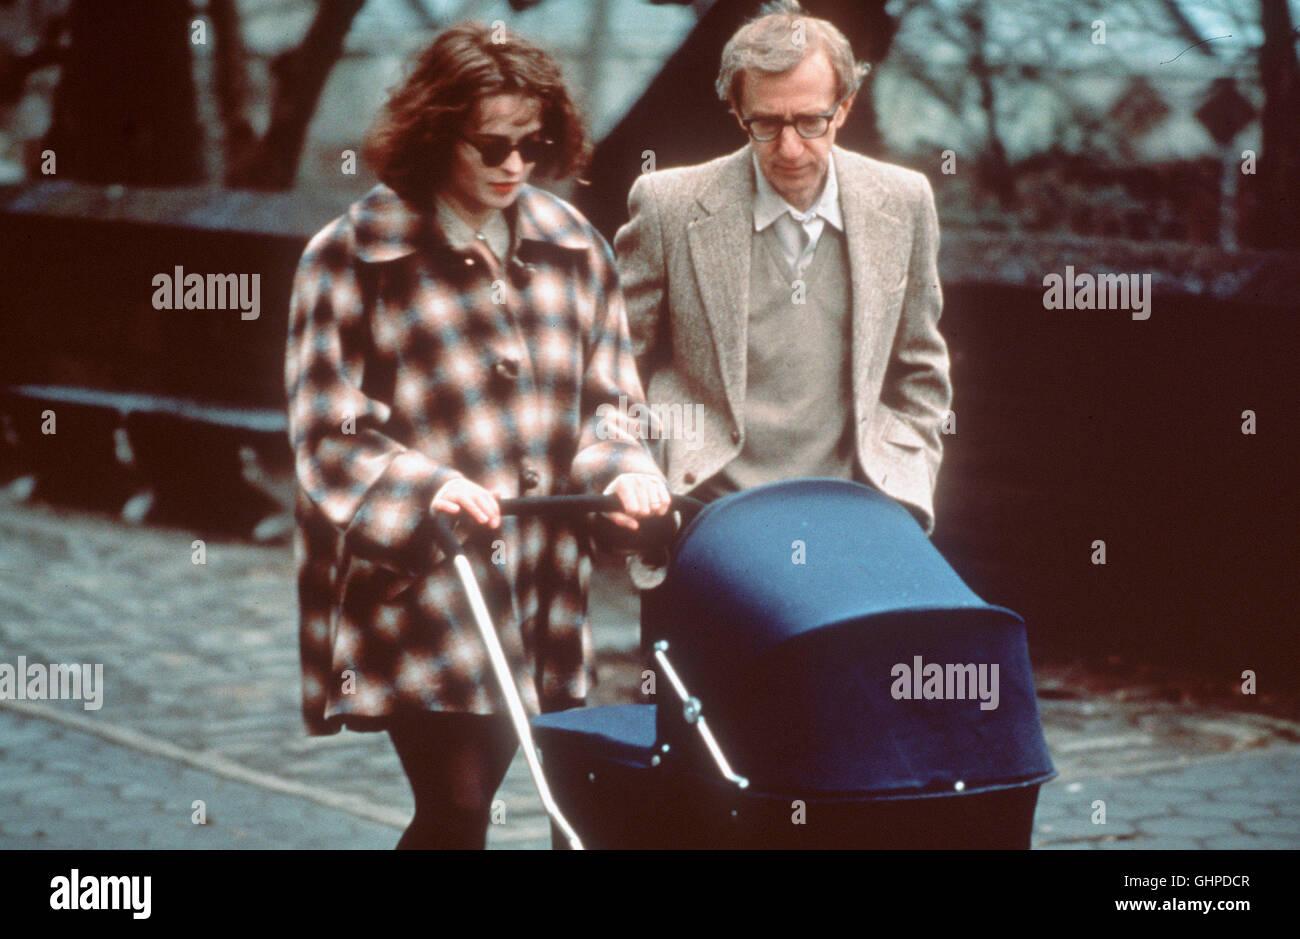 GELIEBTE APHRODITE - Lenny (WOODY ALLEN) als Sportjournalist im Big Apple, verheiratet mit der Galeristin Amanda - Stock Image